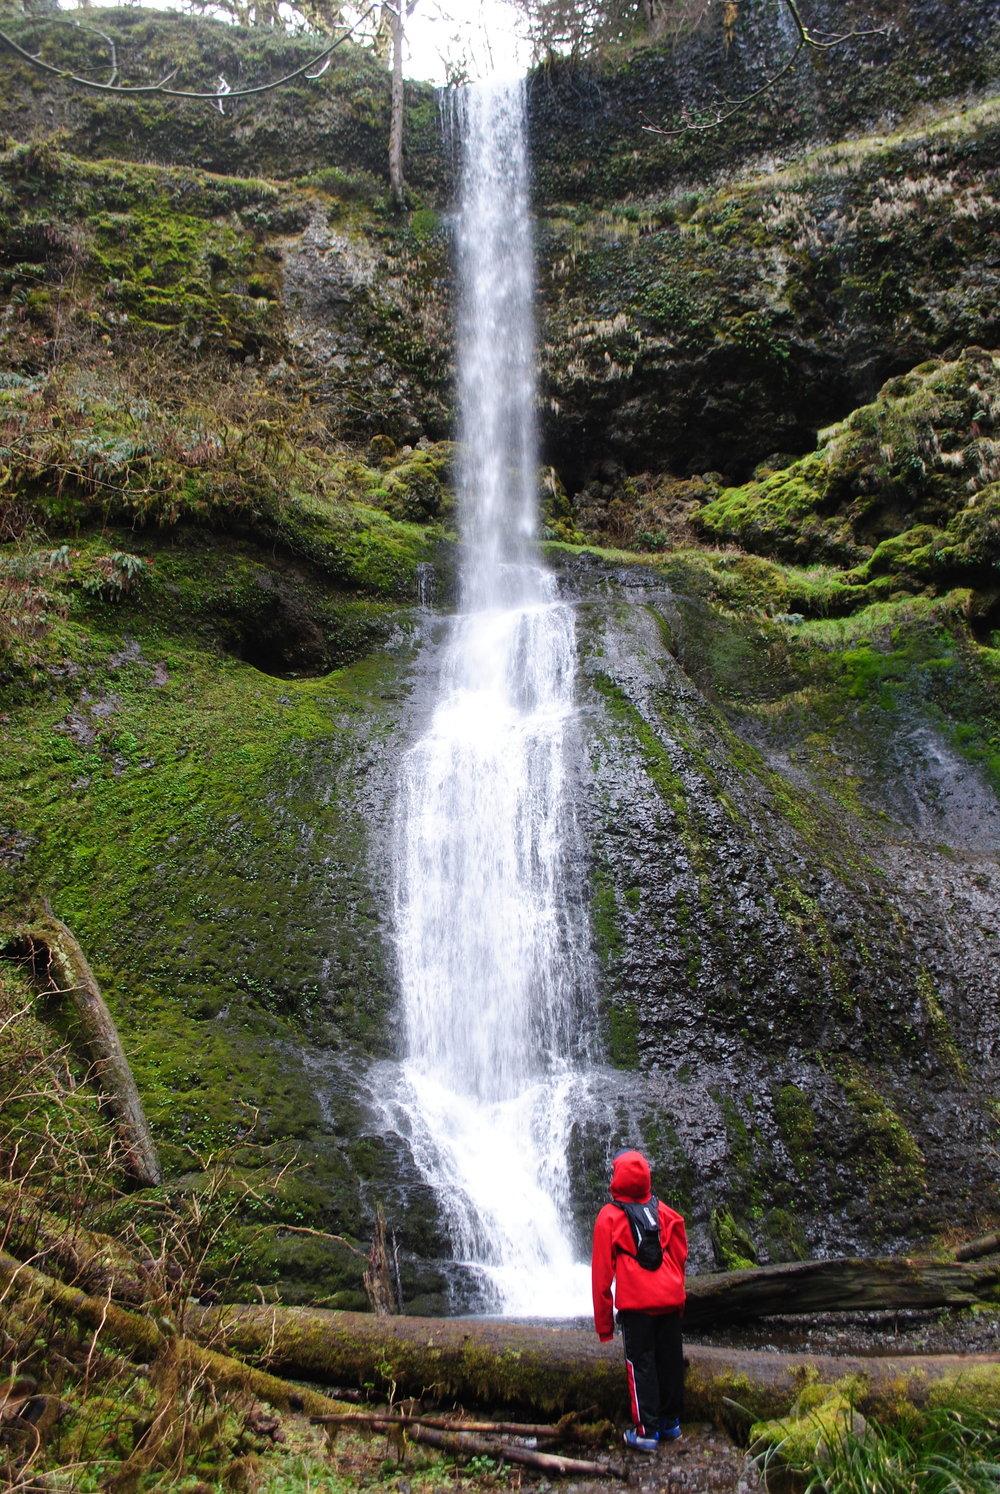 SILVER FALLS STATE PARK - Winter Falls - Oregon